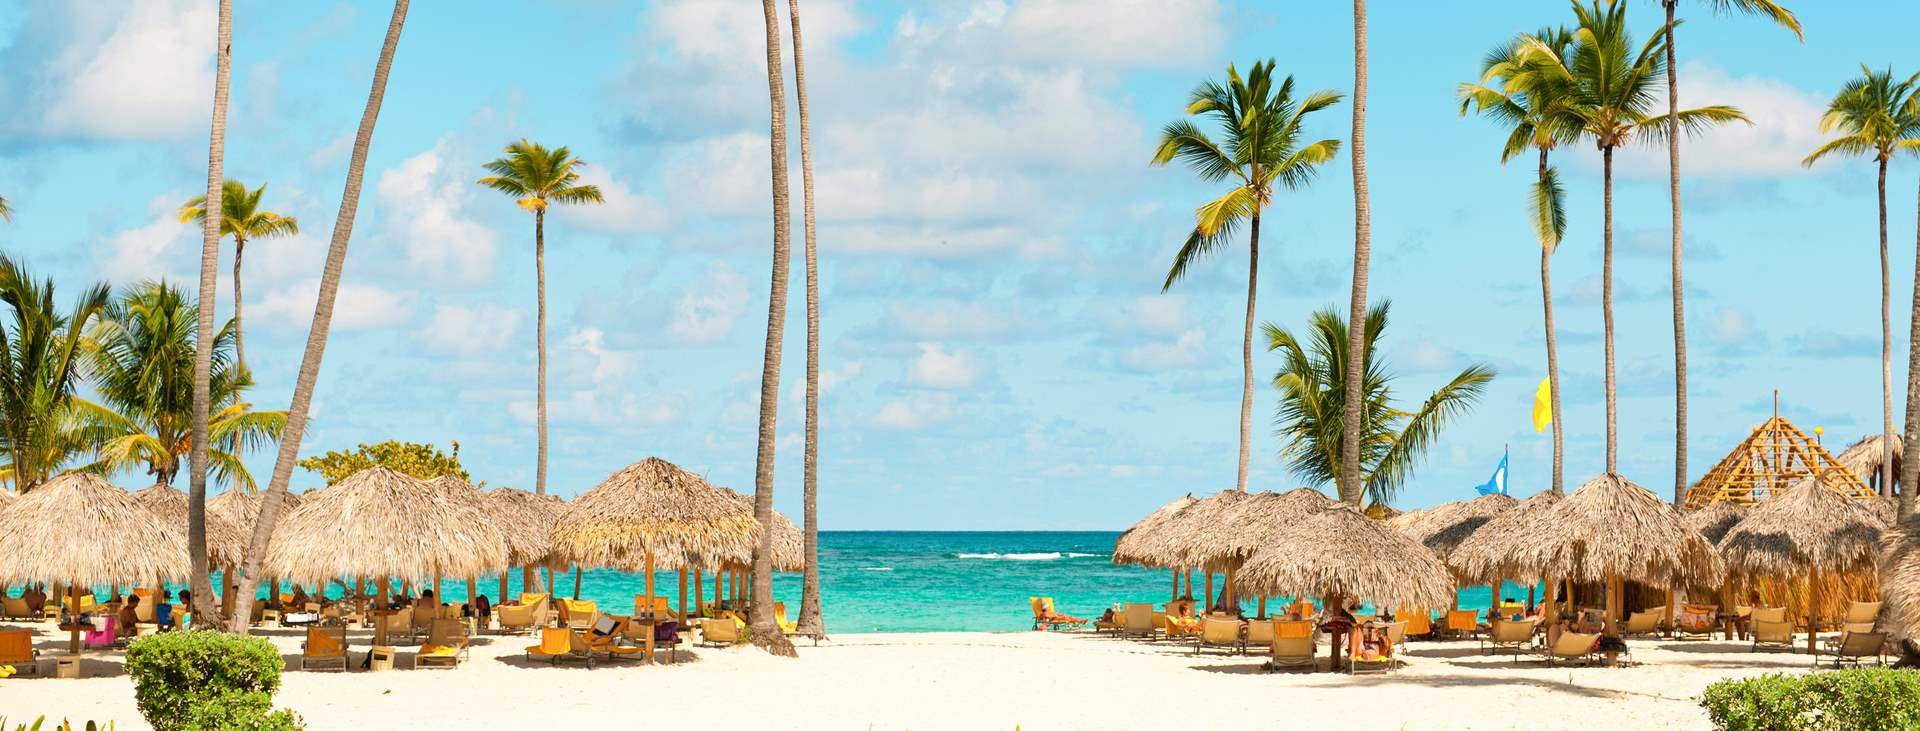 Bestill en reise med All Inclusive til Punta Cana